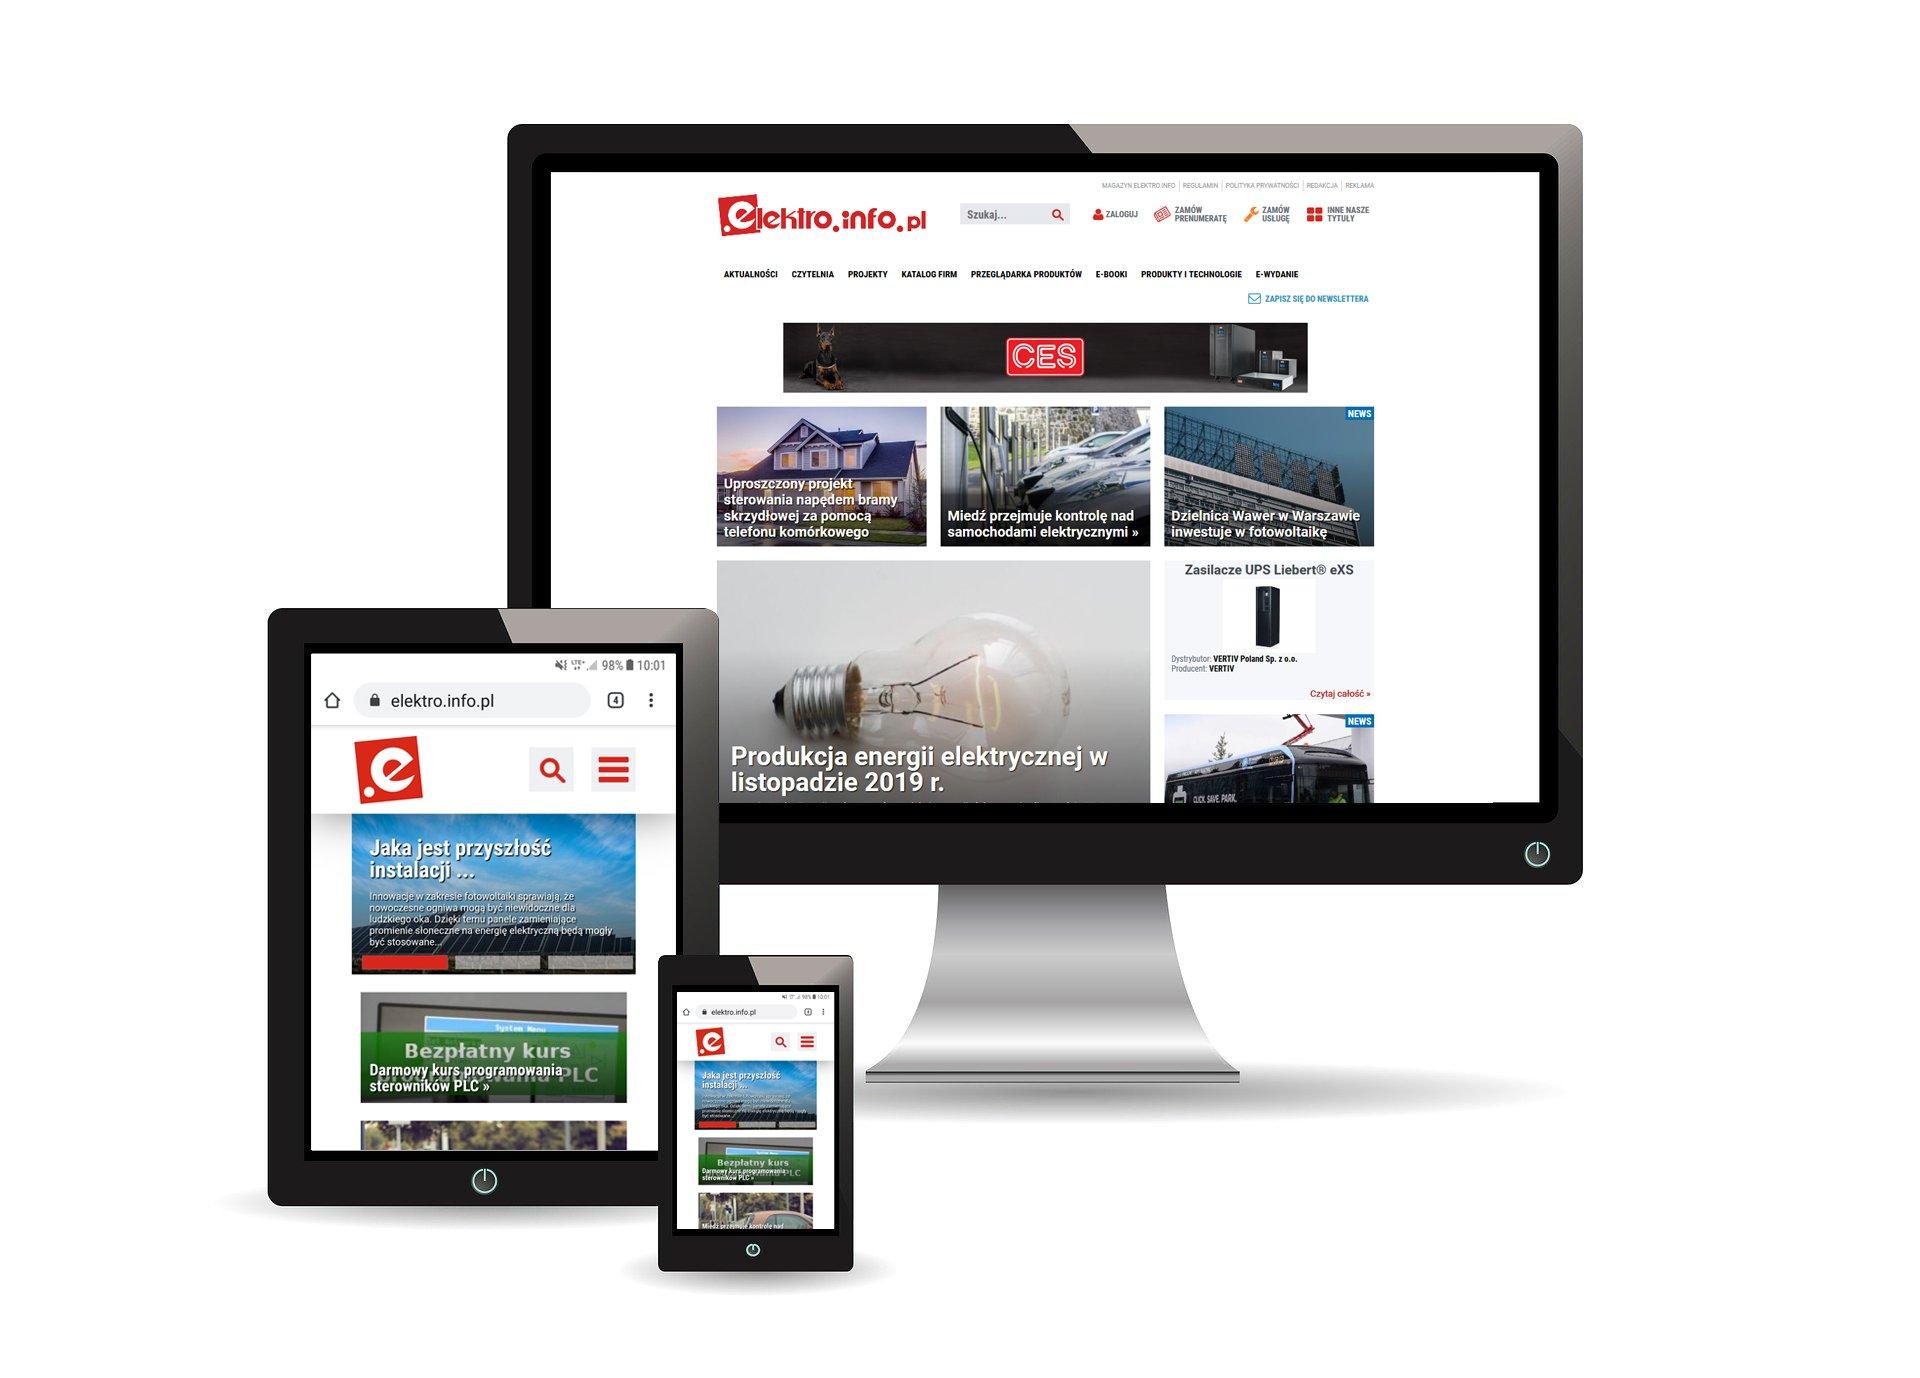 Nowa strona internetowa www.elektro.info.pl!